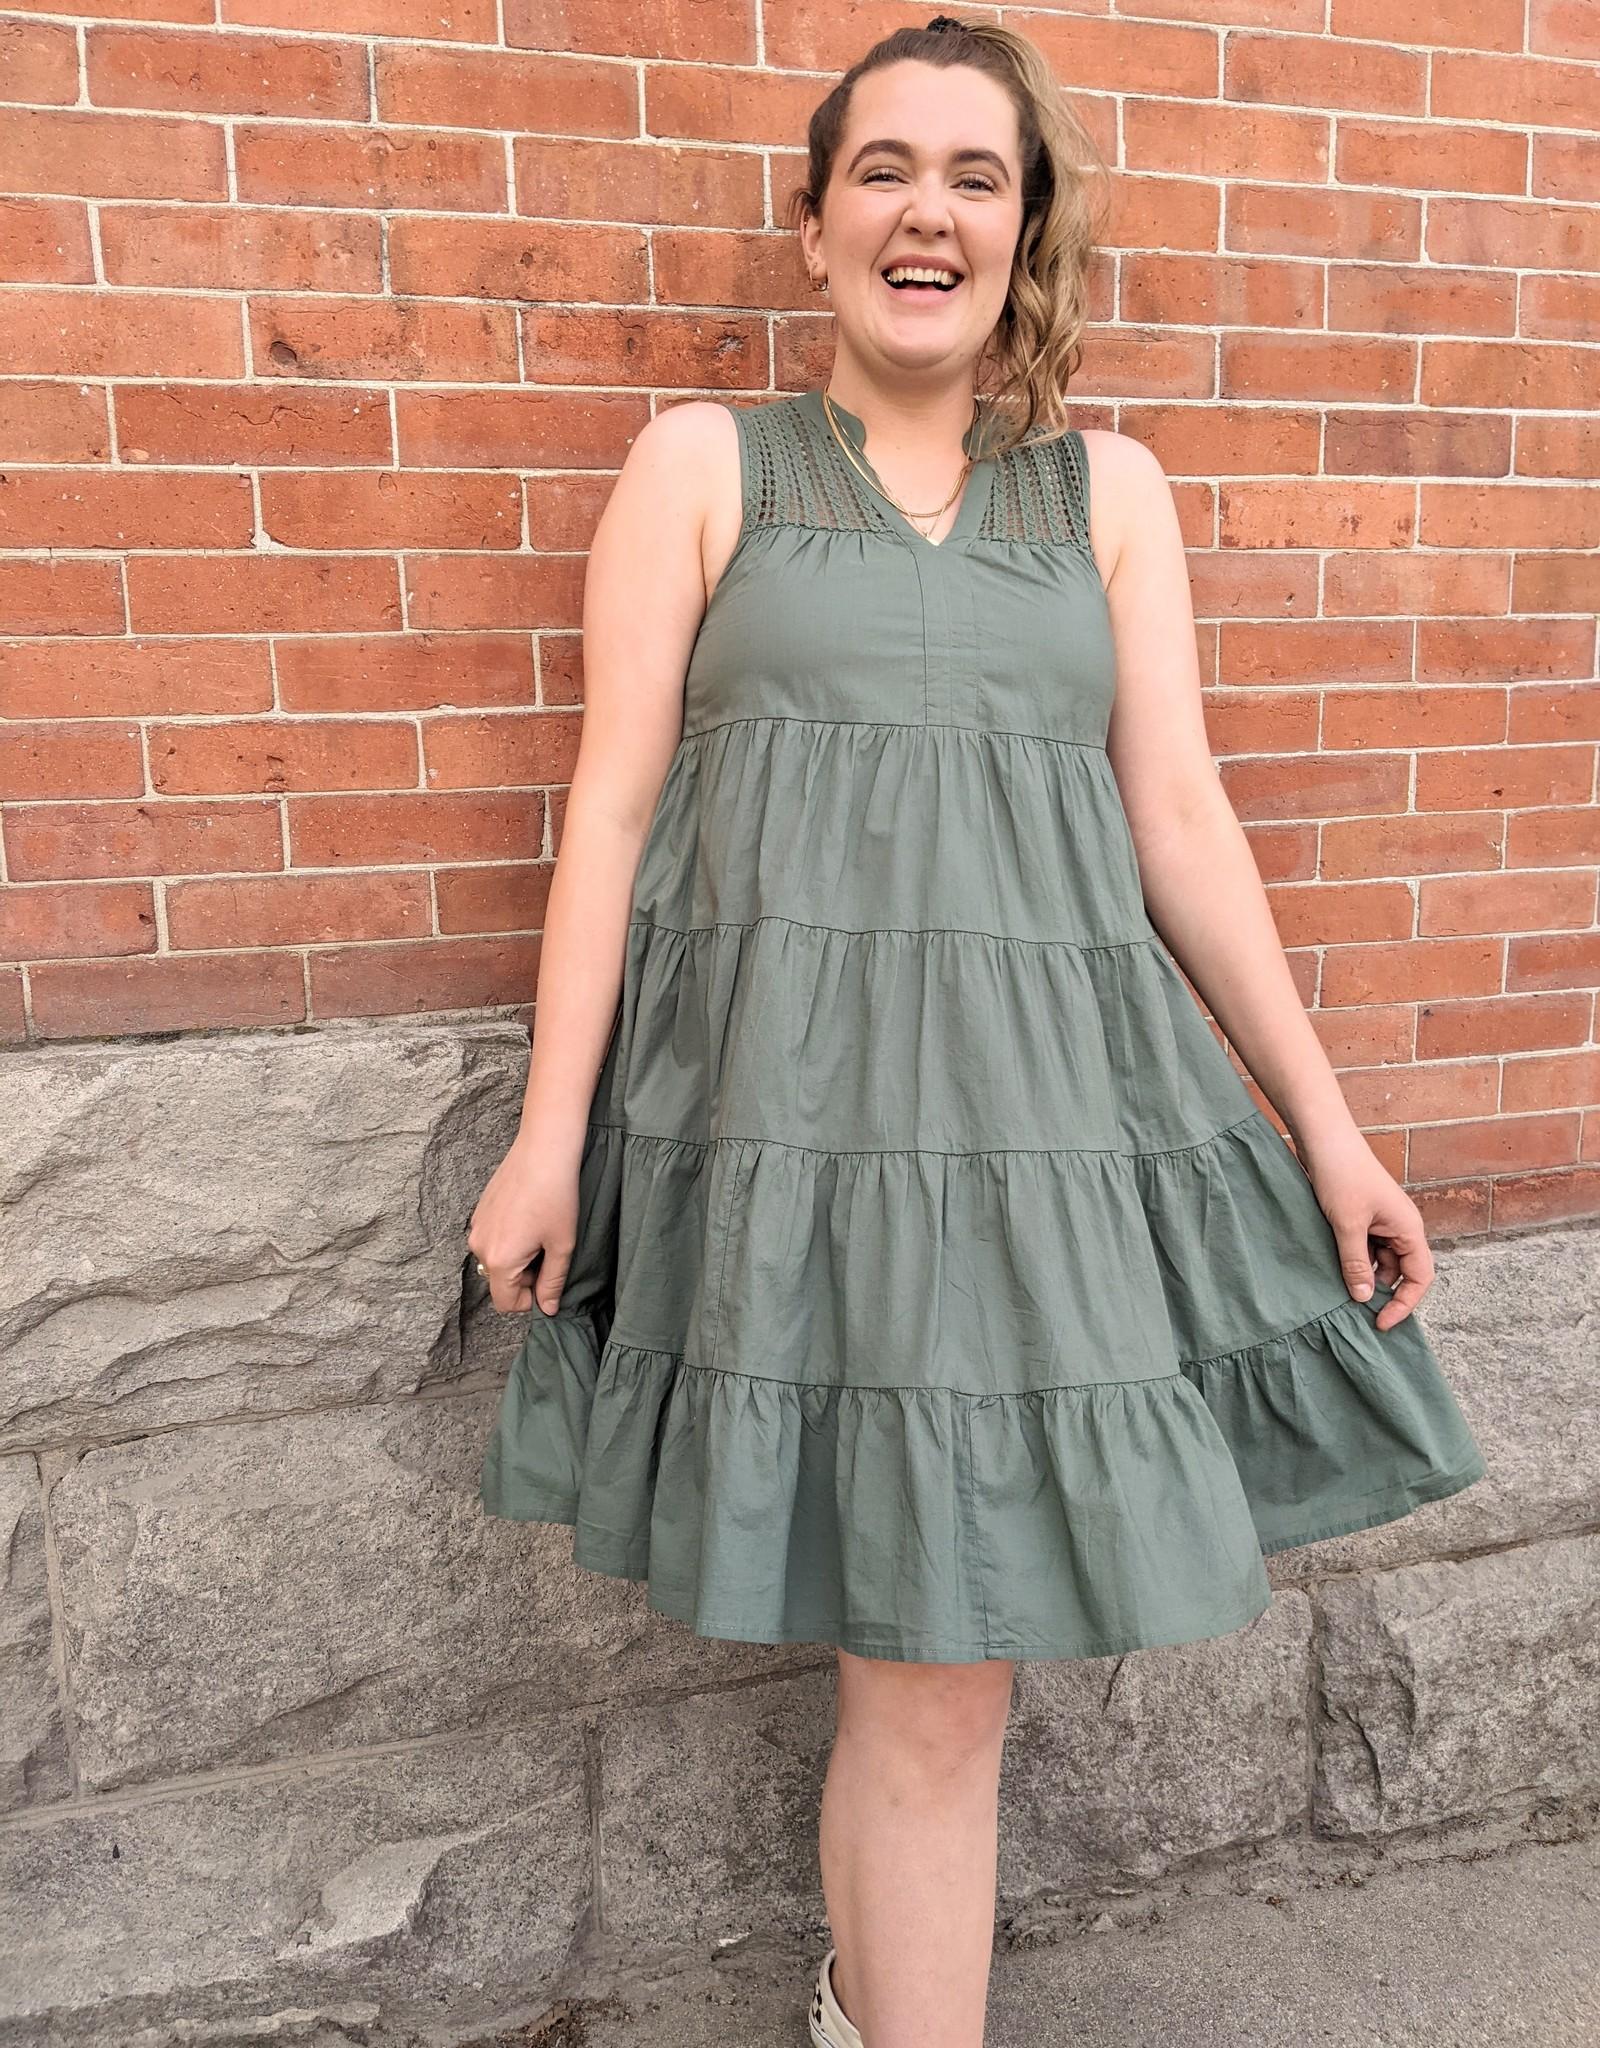 Vero Moda Loretta Babydoll Ruffled Smock Dress